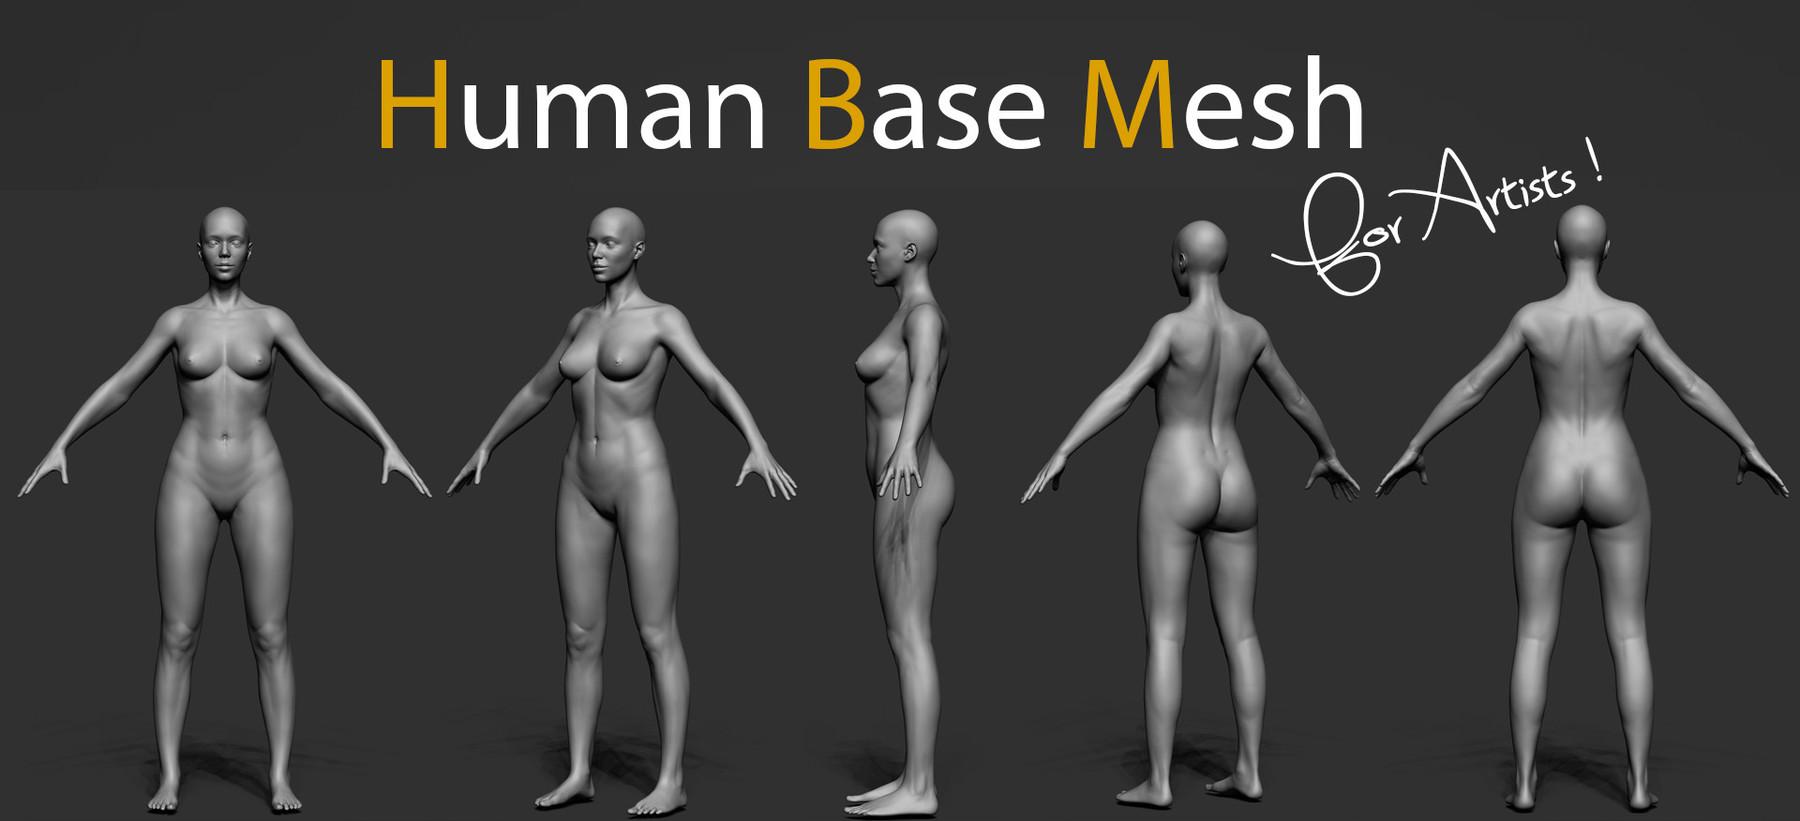 Human bm img5